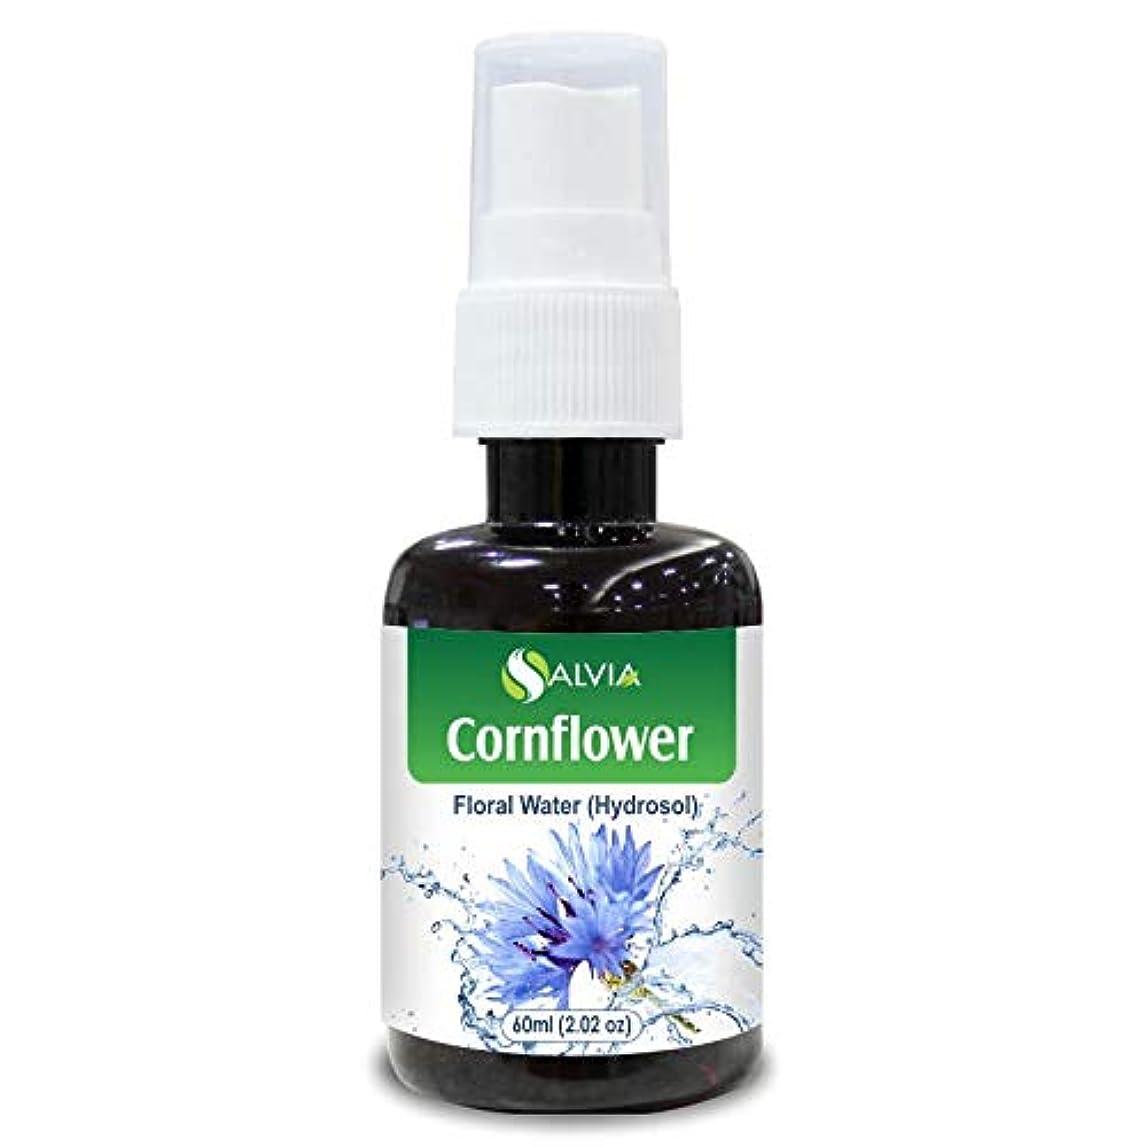 チーターいちゃつく手数料Cornflower Floral Water 60ml (Hydrosol) 100% Pure And Natural